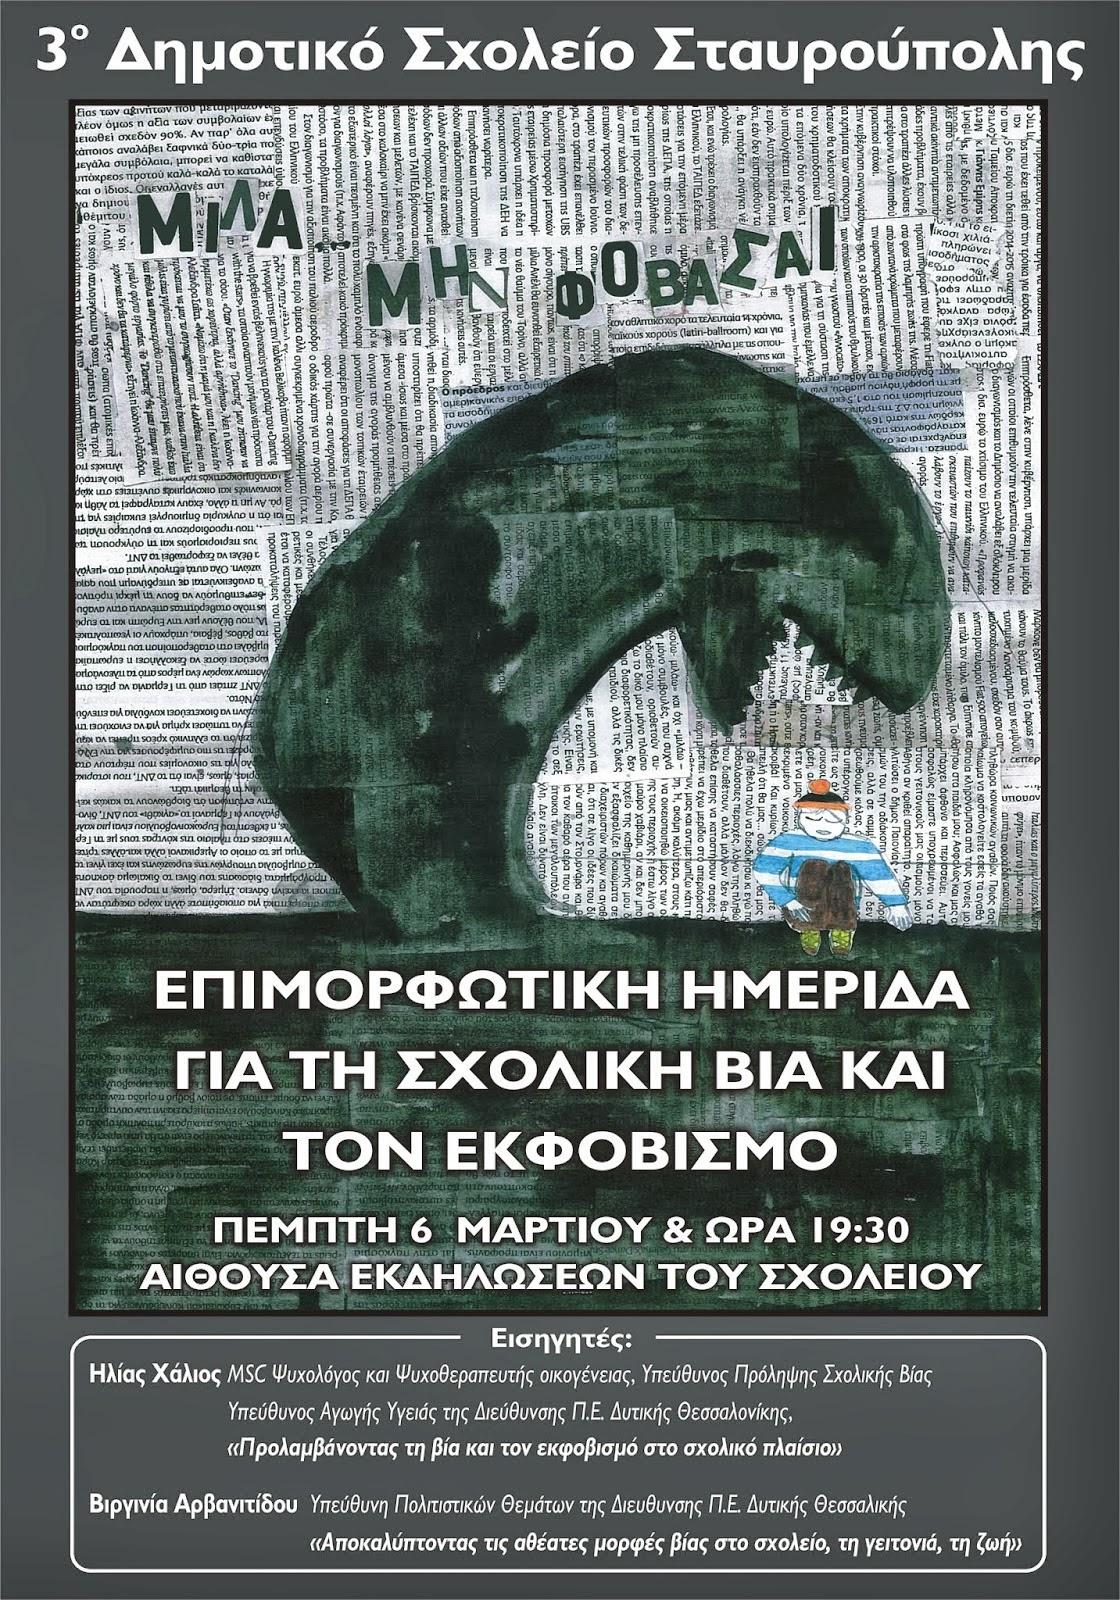 Αφίσα για τη ημερίδα κατά της Σχολικής Βίας